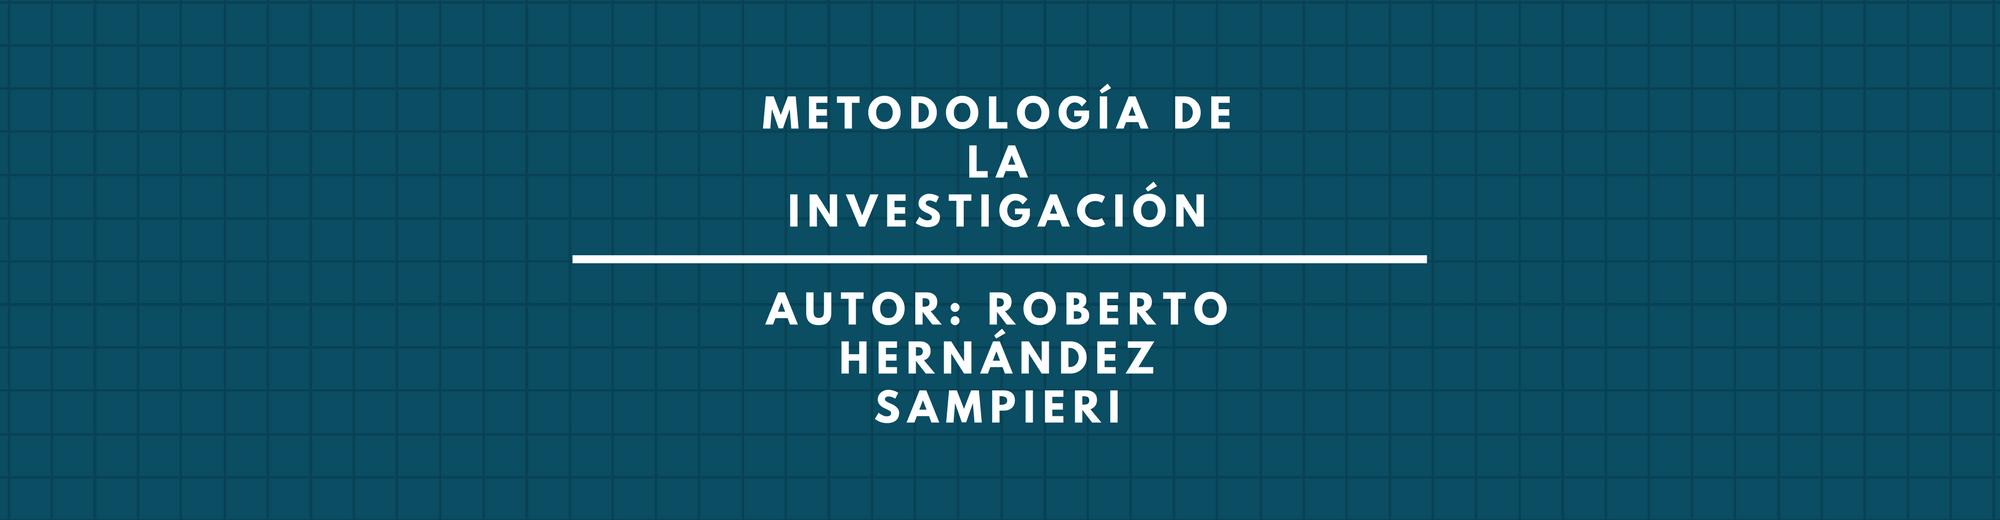 METODOLOGIA DE LA INVESTIGACION Autor: ROBERTO HERNANDEZ SAMPIERI